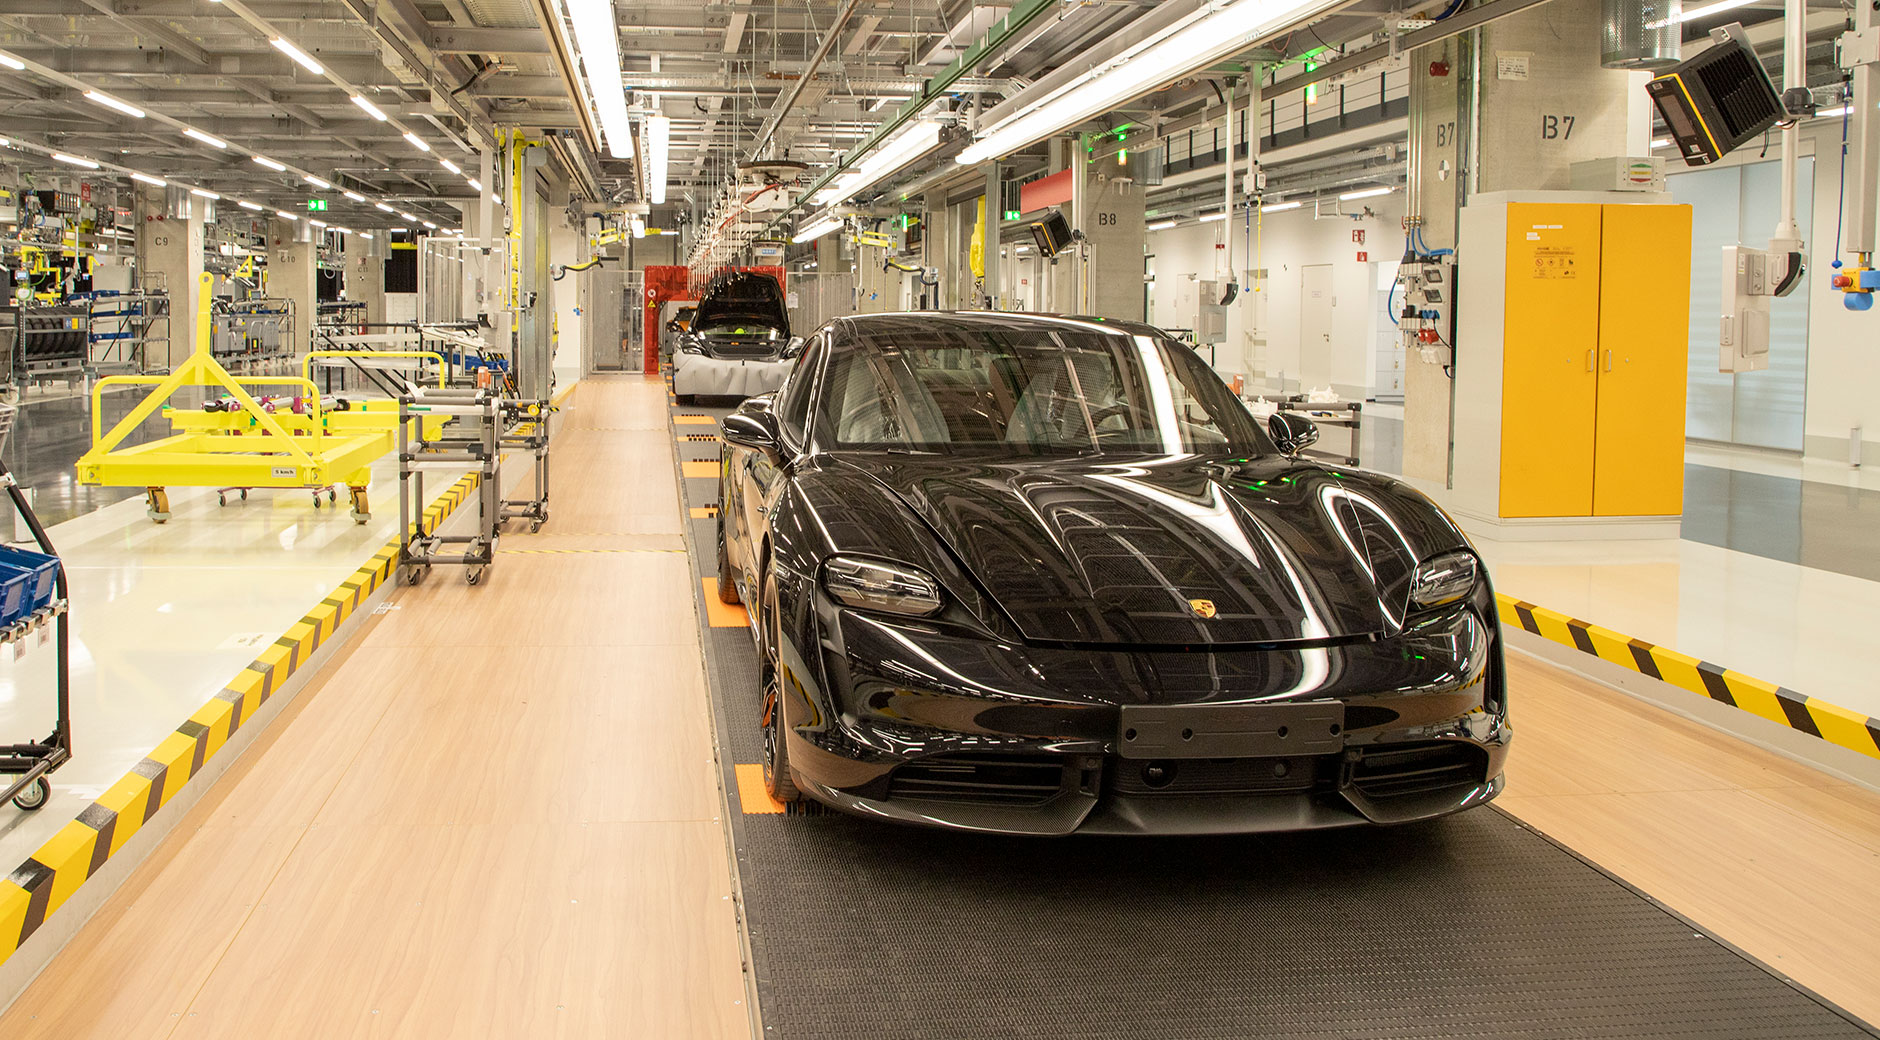 Ein fertig montierter Porsche Taycan steht im neuen Porsche-Werk in Zuffenhausen in der Endabnahme.